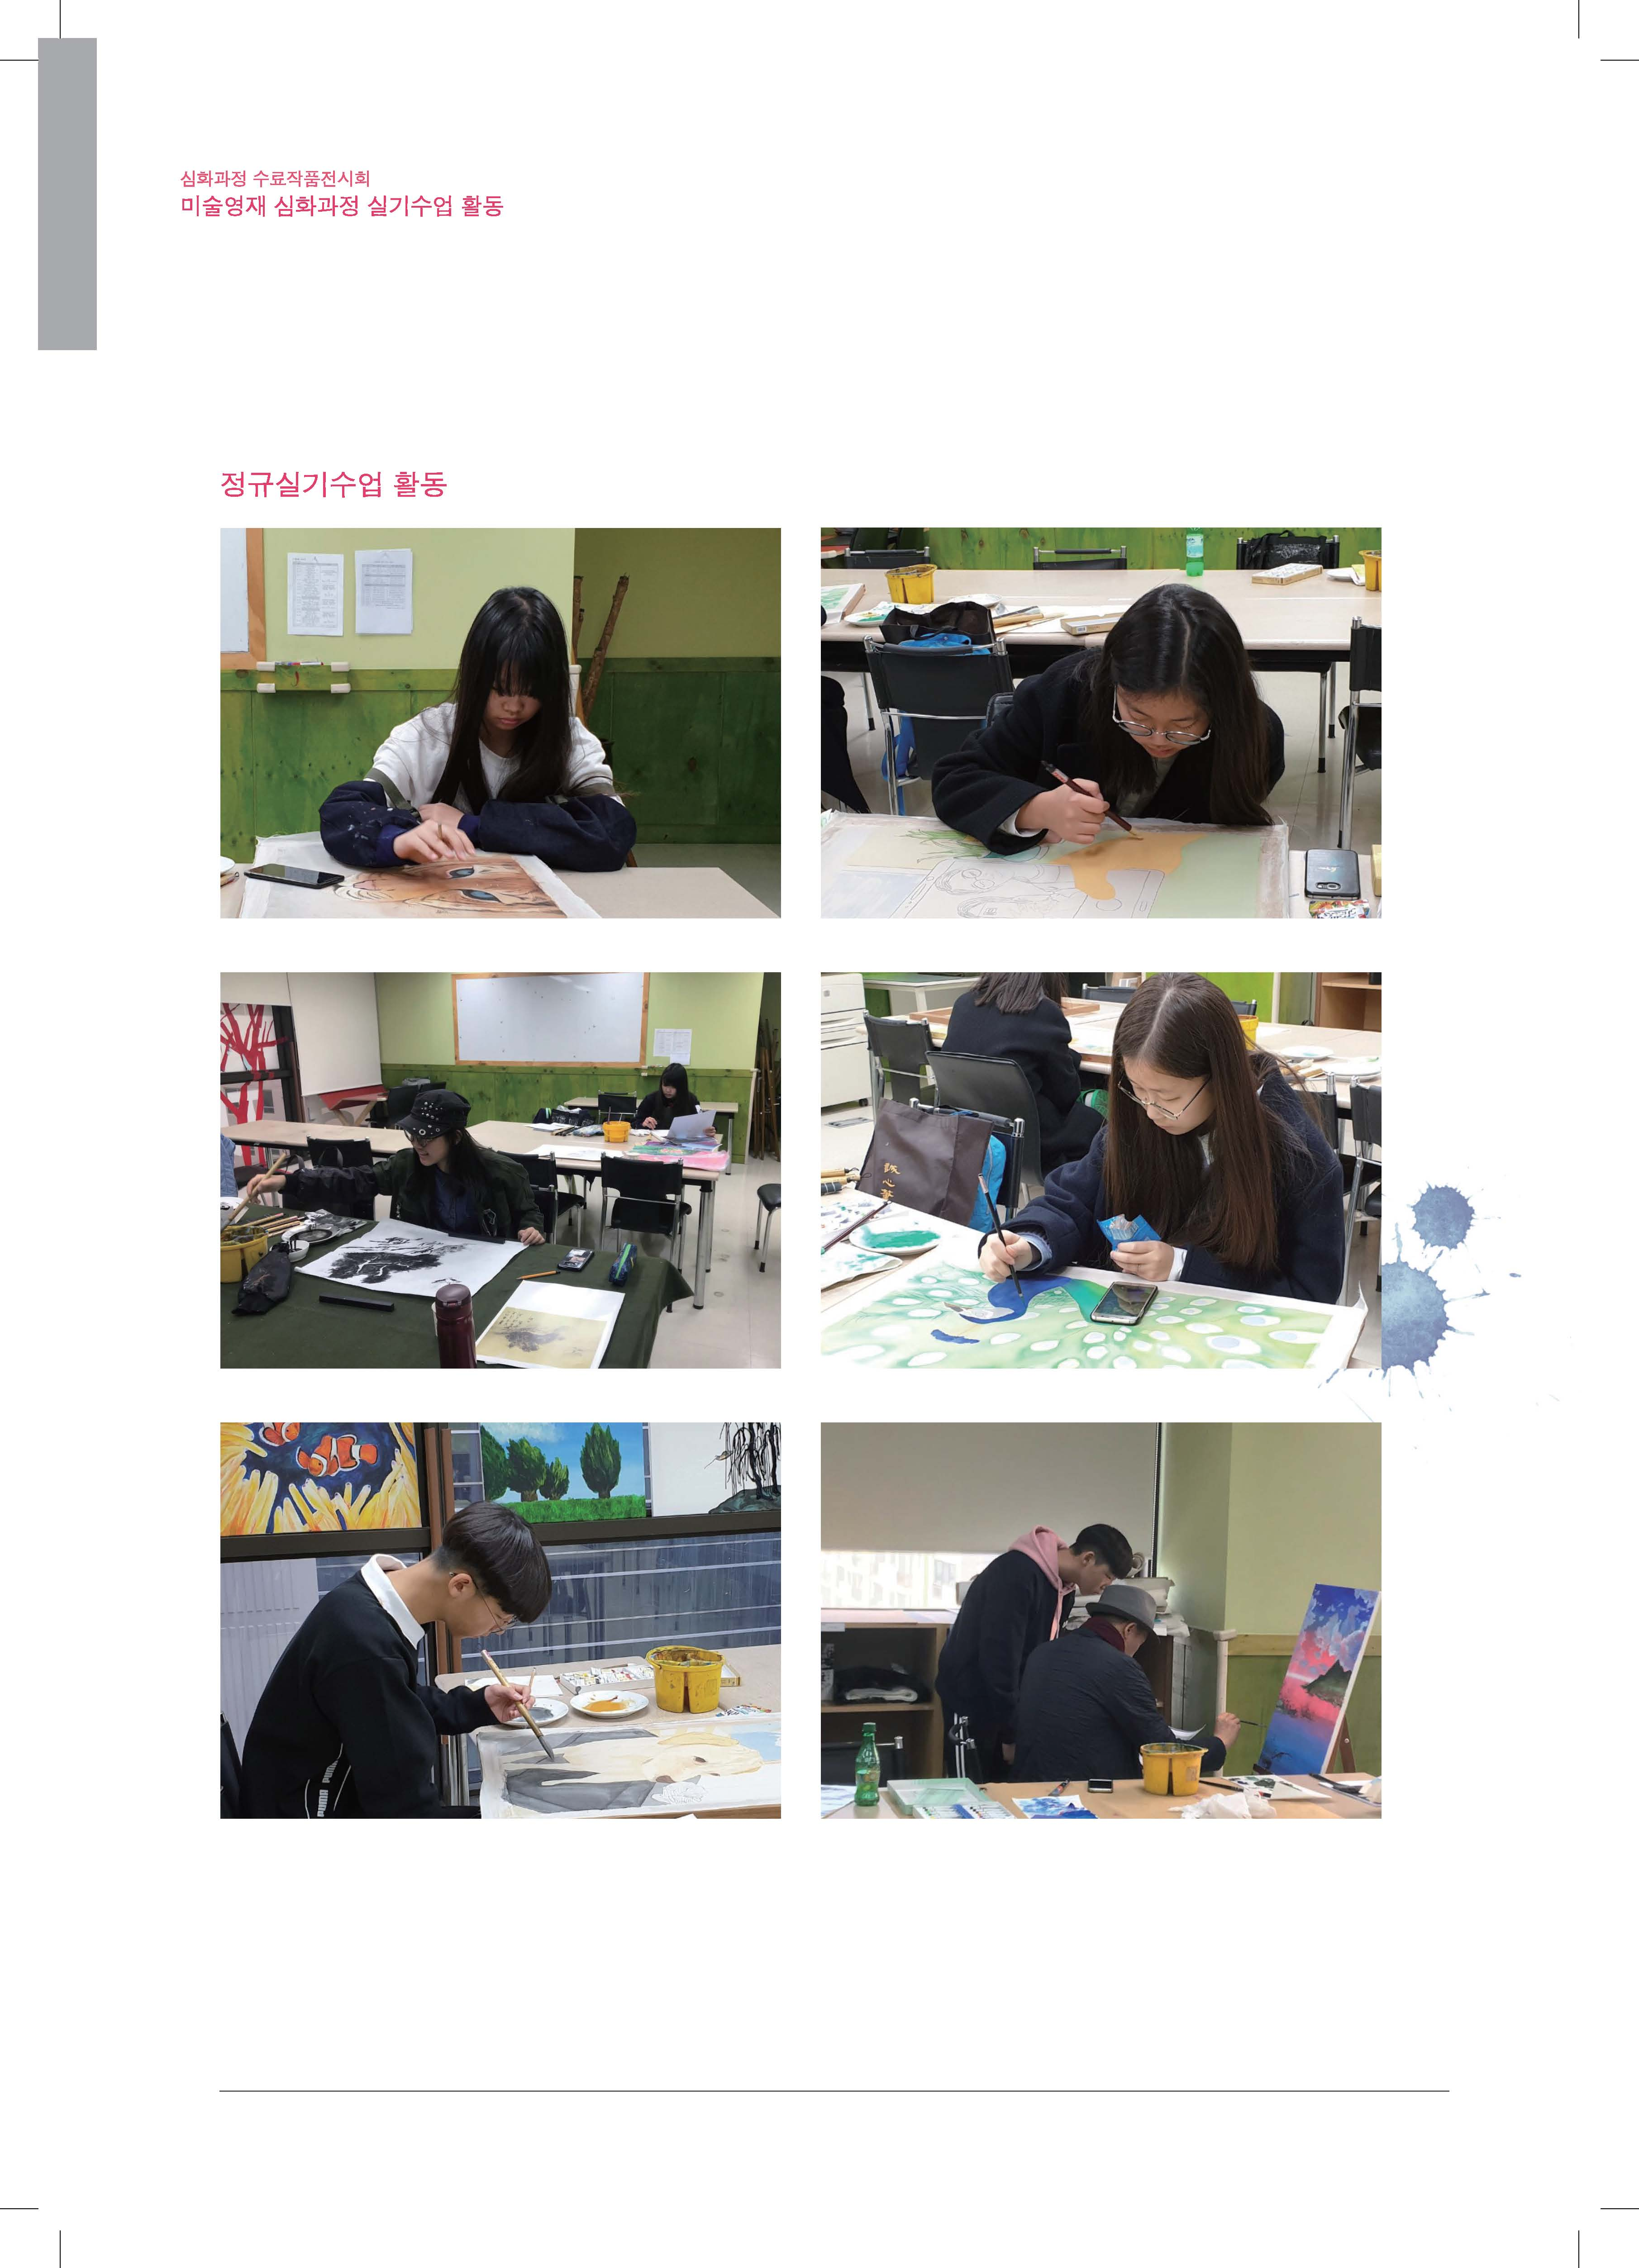 2018_미술영재_브로슈어(인쇄본) 합본_페이지_06.jpg